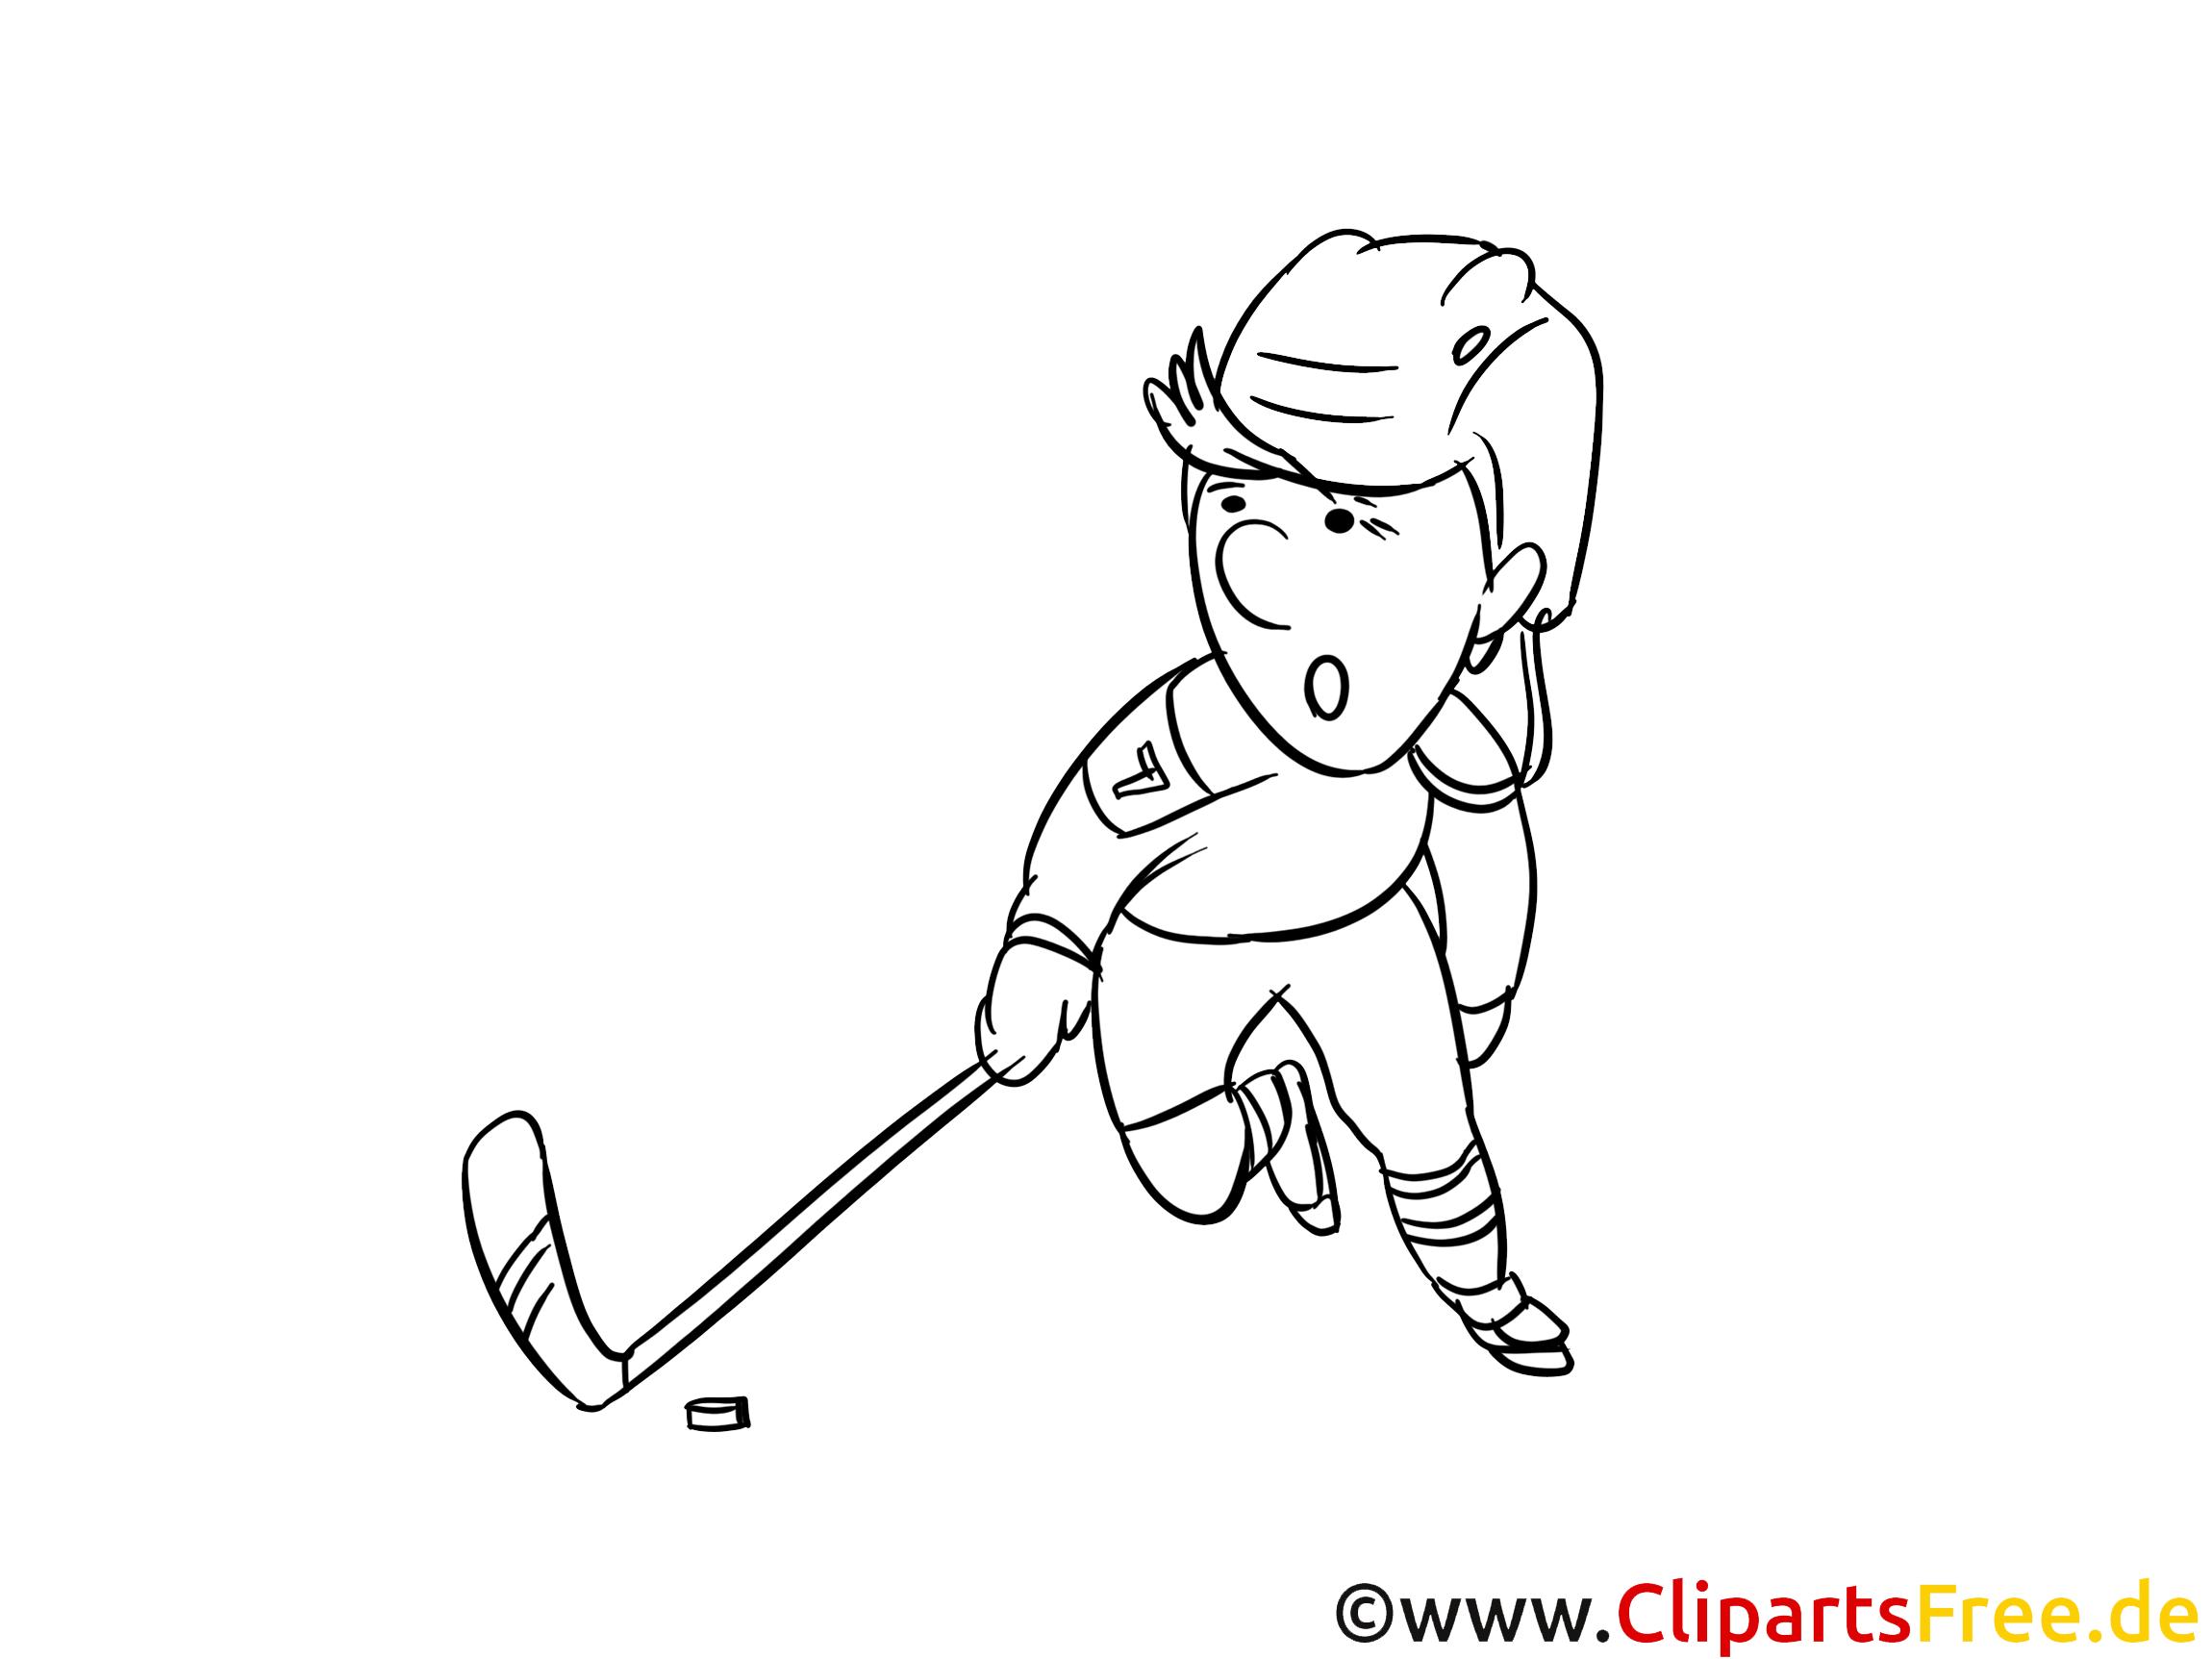 mal bilder ausdrucken zum thema wintersport eishockey